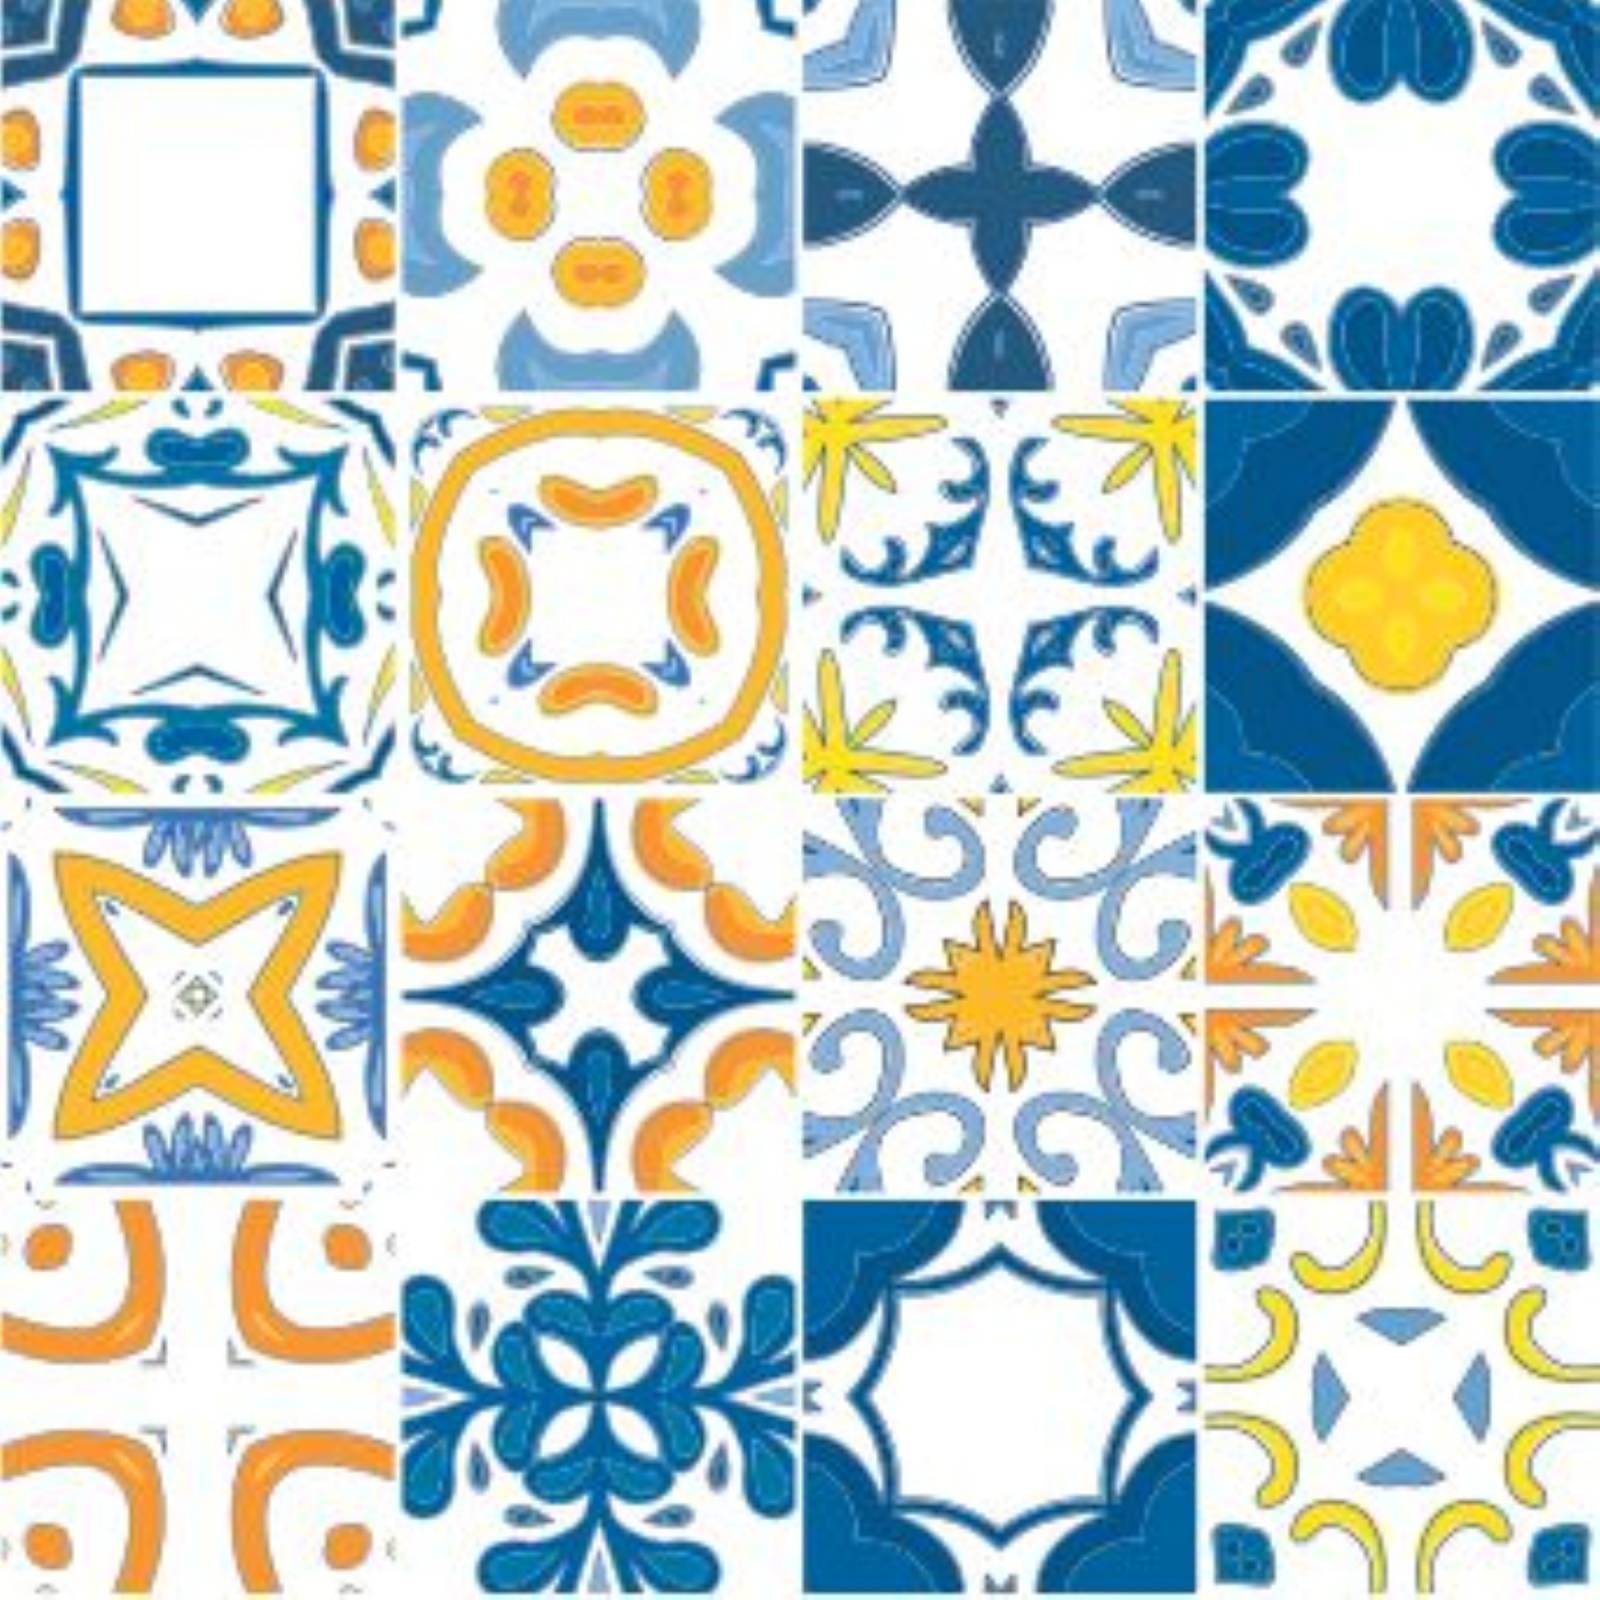 Adesivo para Azulejo - Azul e Amarelo  - Redecorei